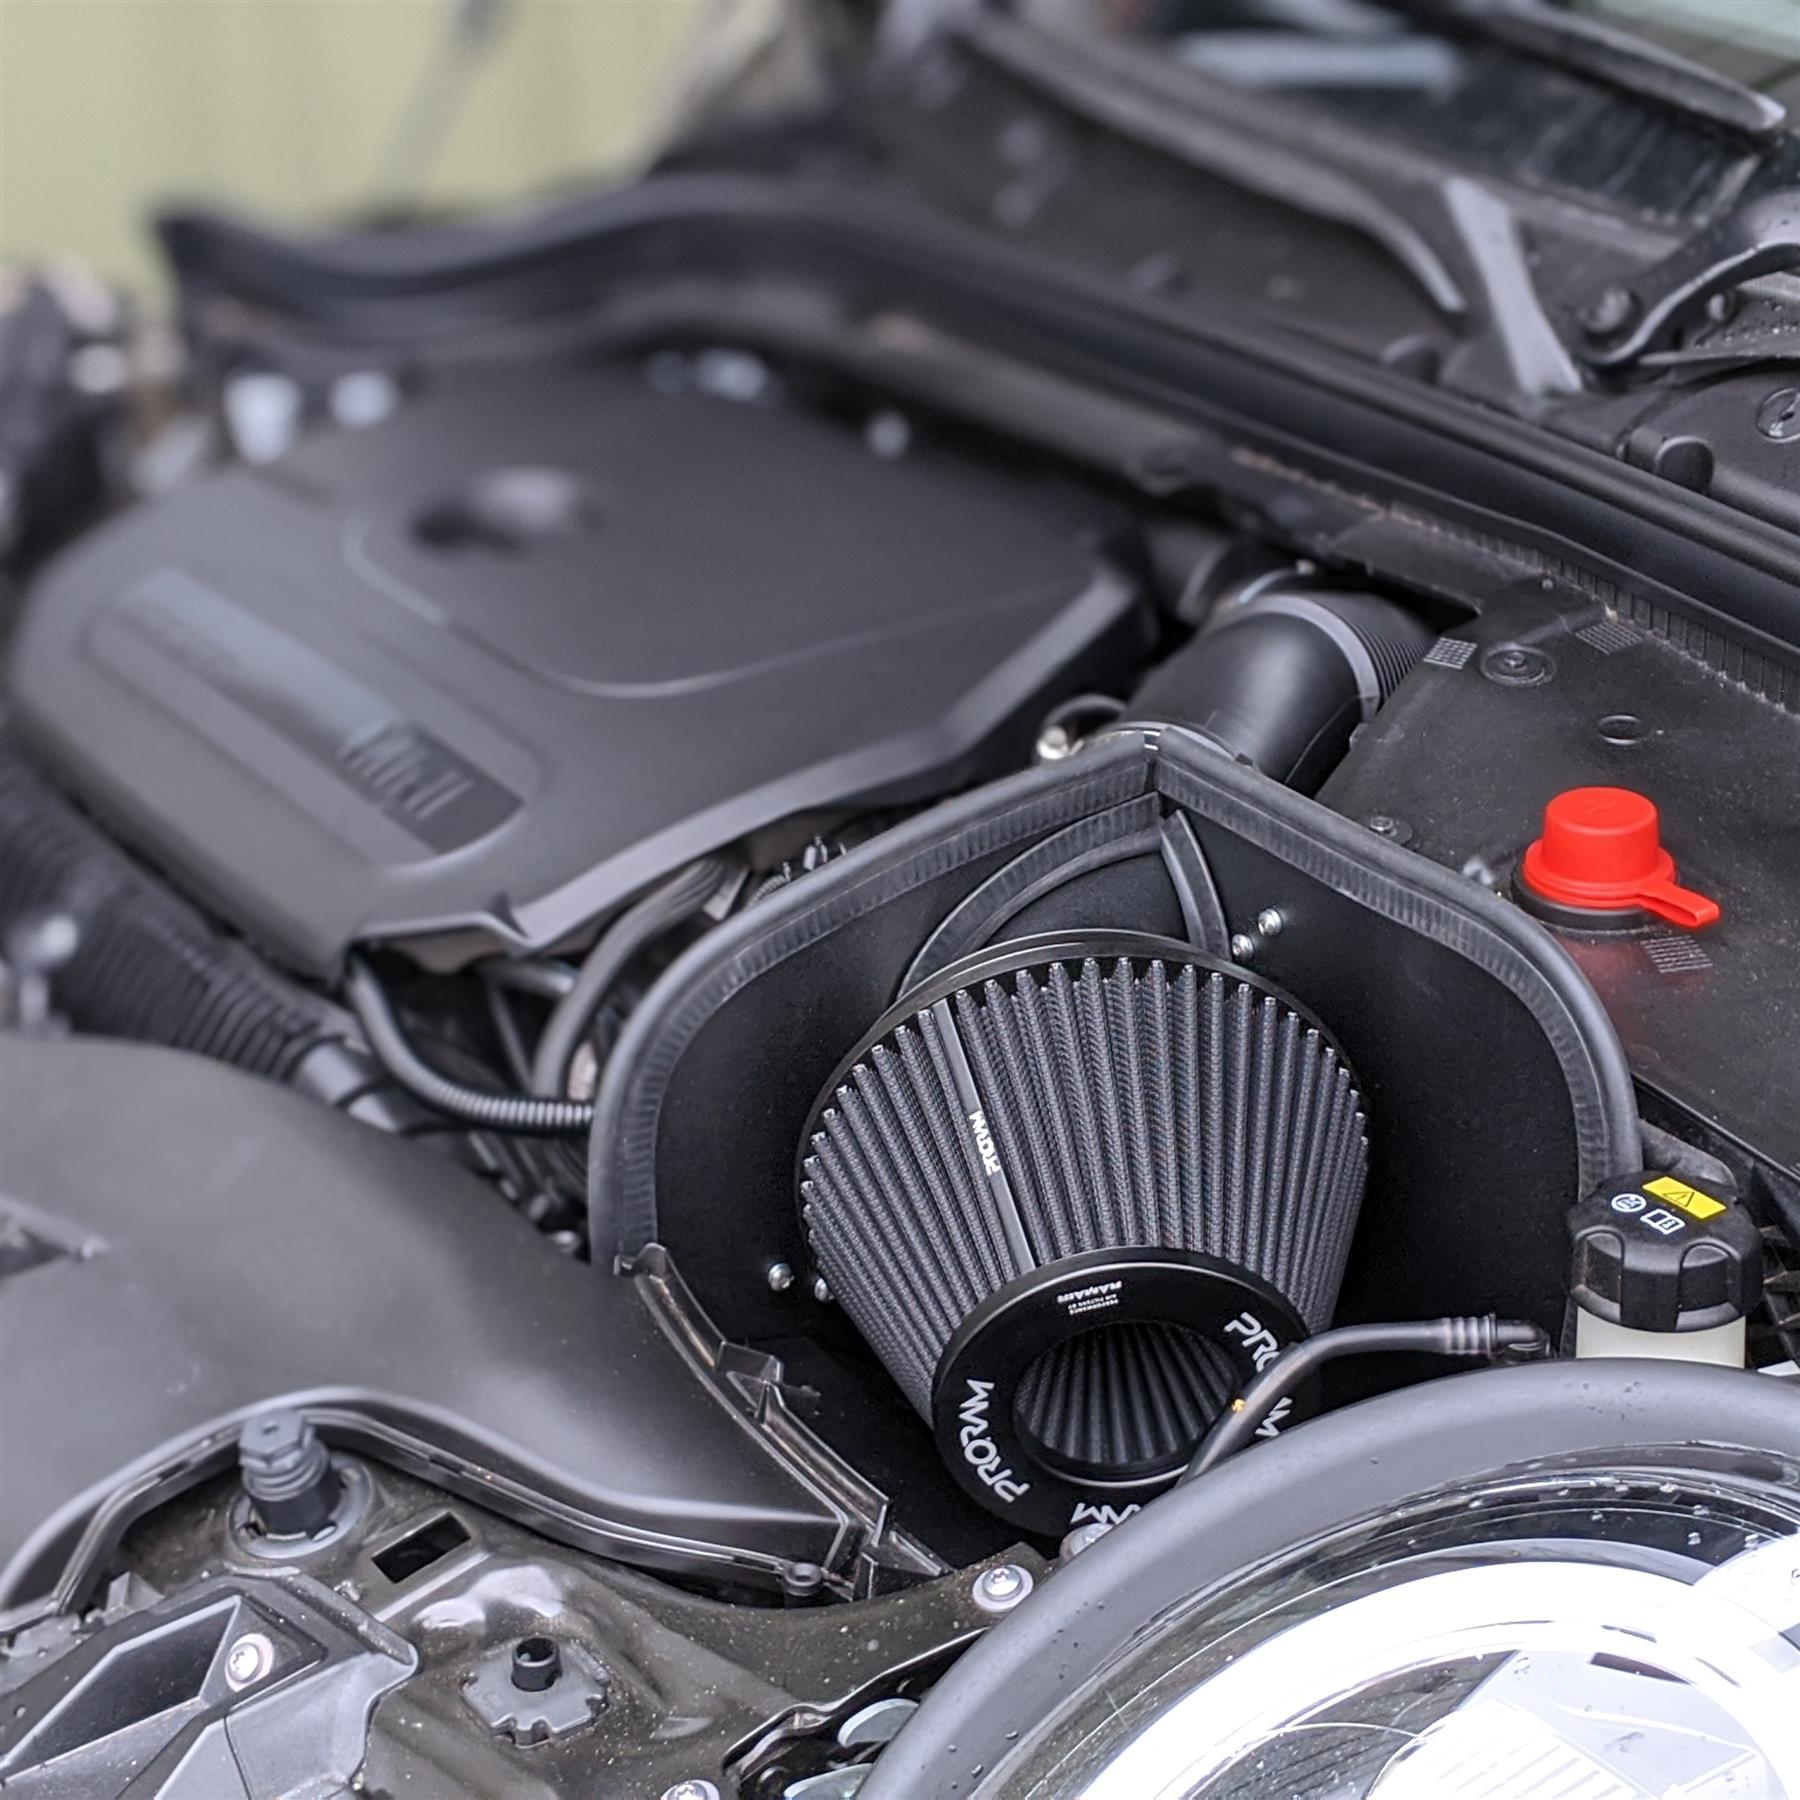 Filtro aria per moto Fydun set di filtri per induzione di aspirazione aria modificata da 35 mm Adatto per moto da 100-150 cc Blu